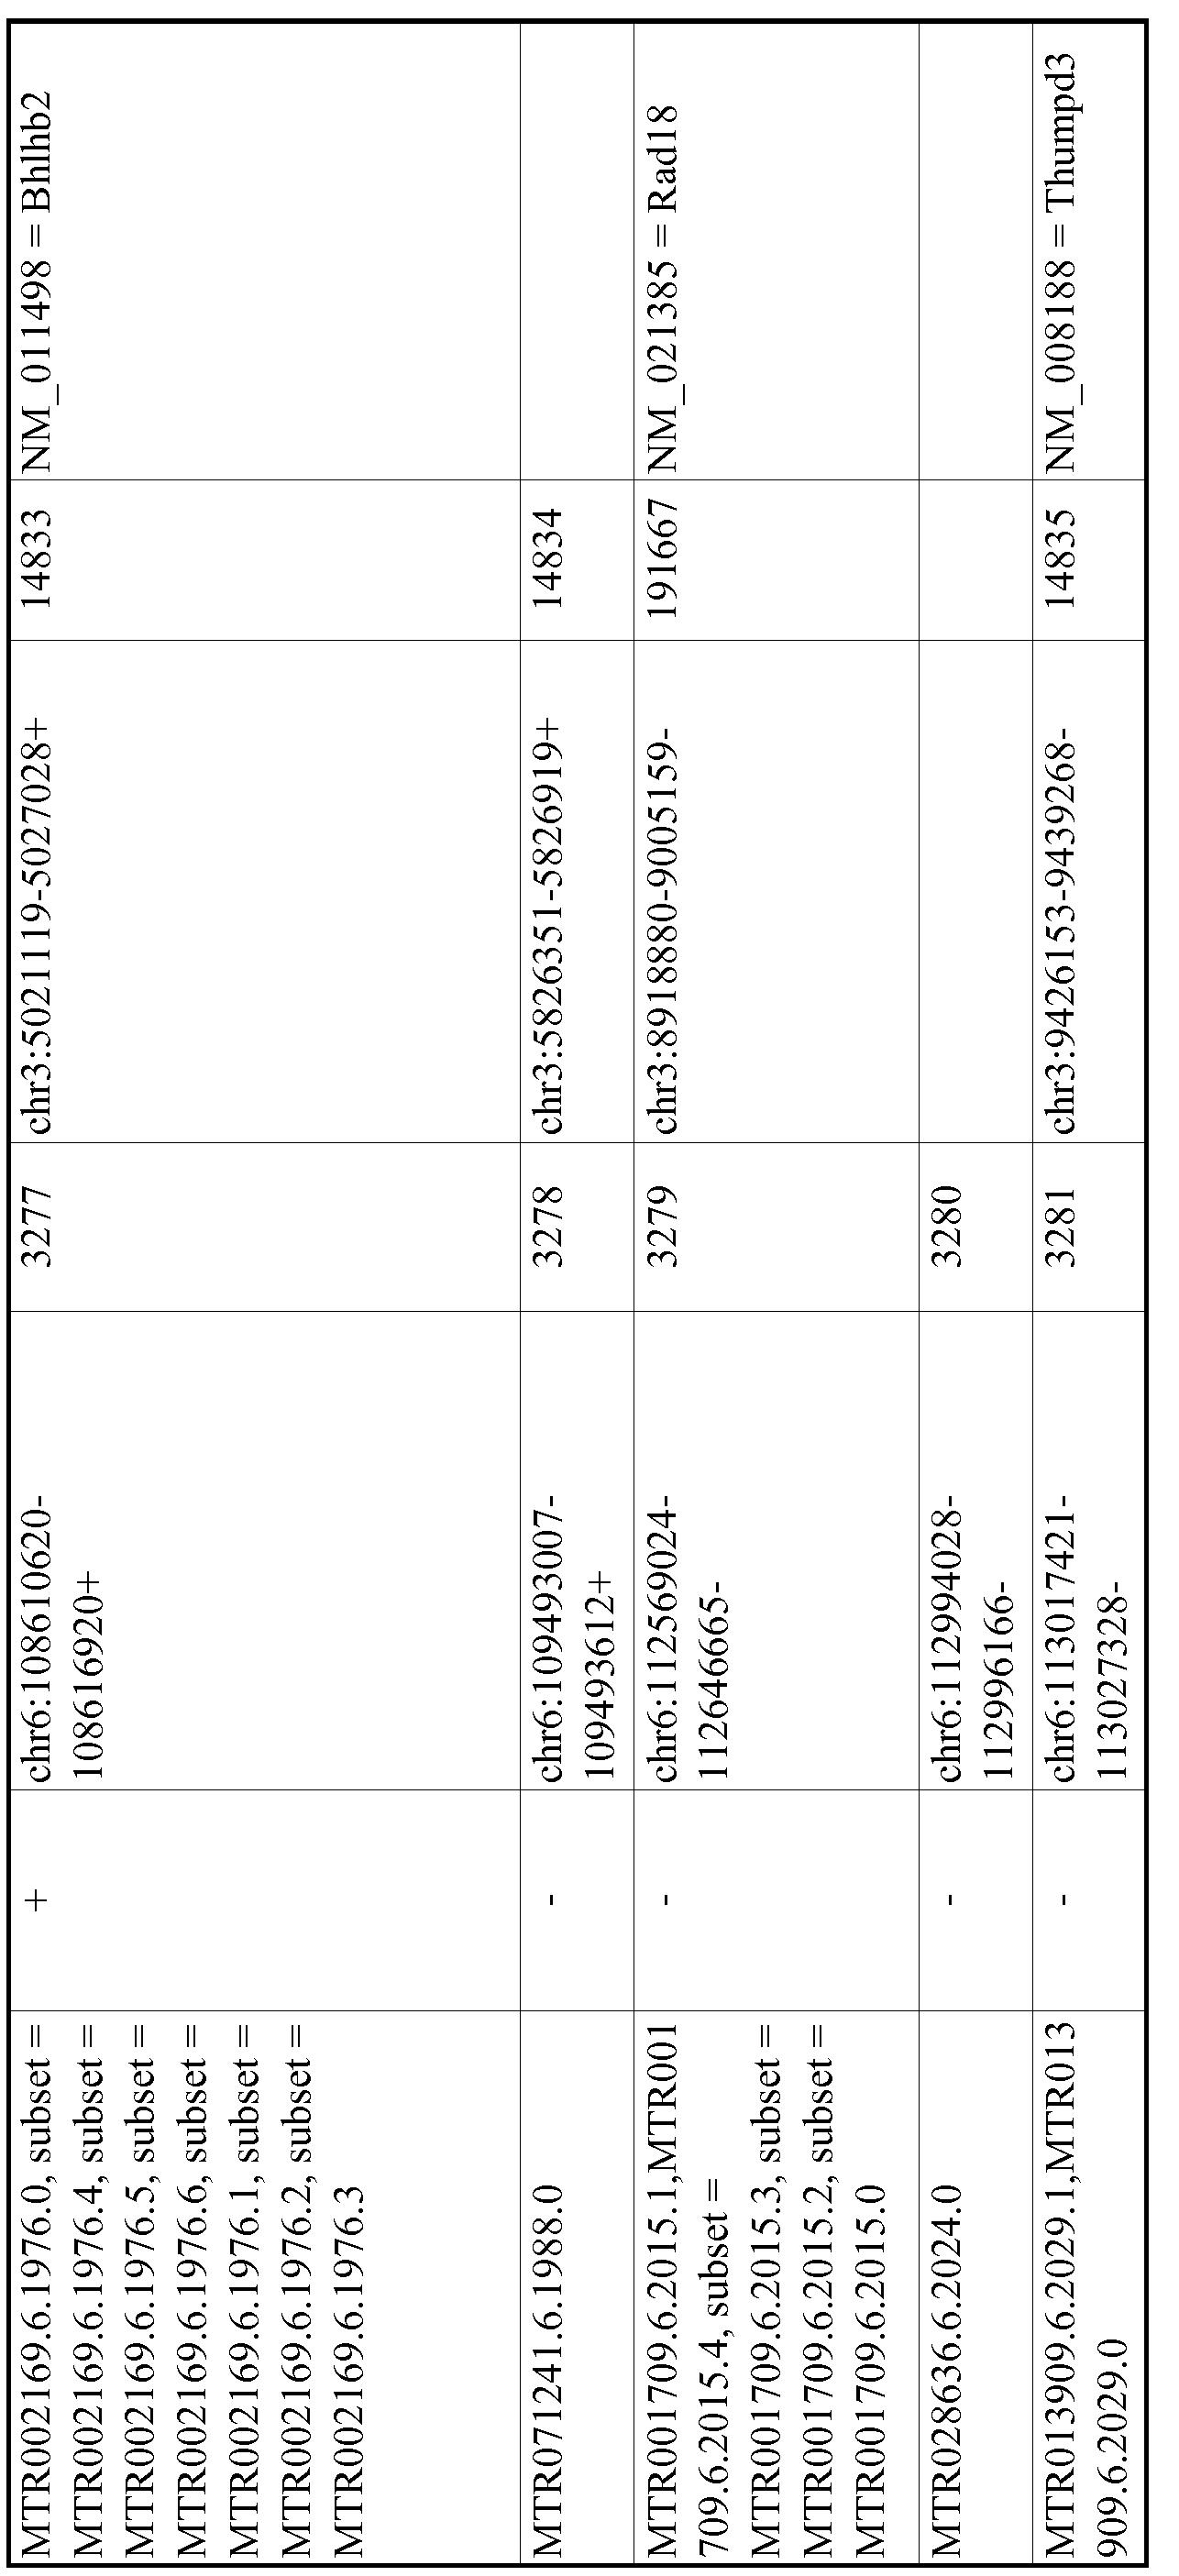 Figure imgf000648_0001